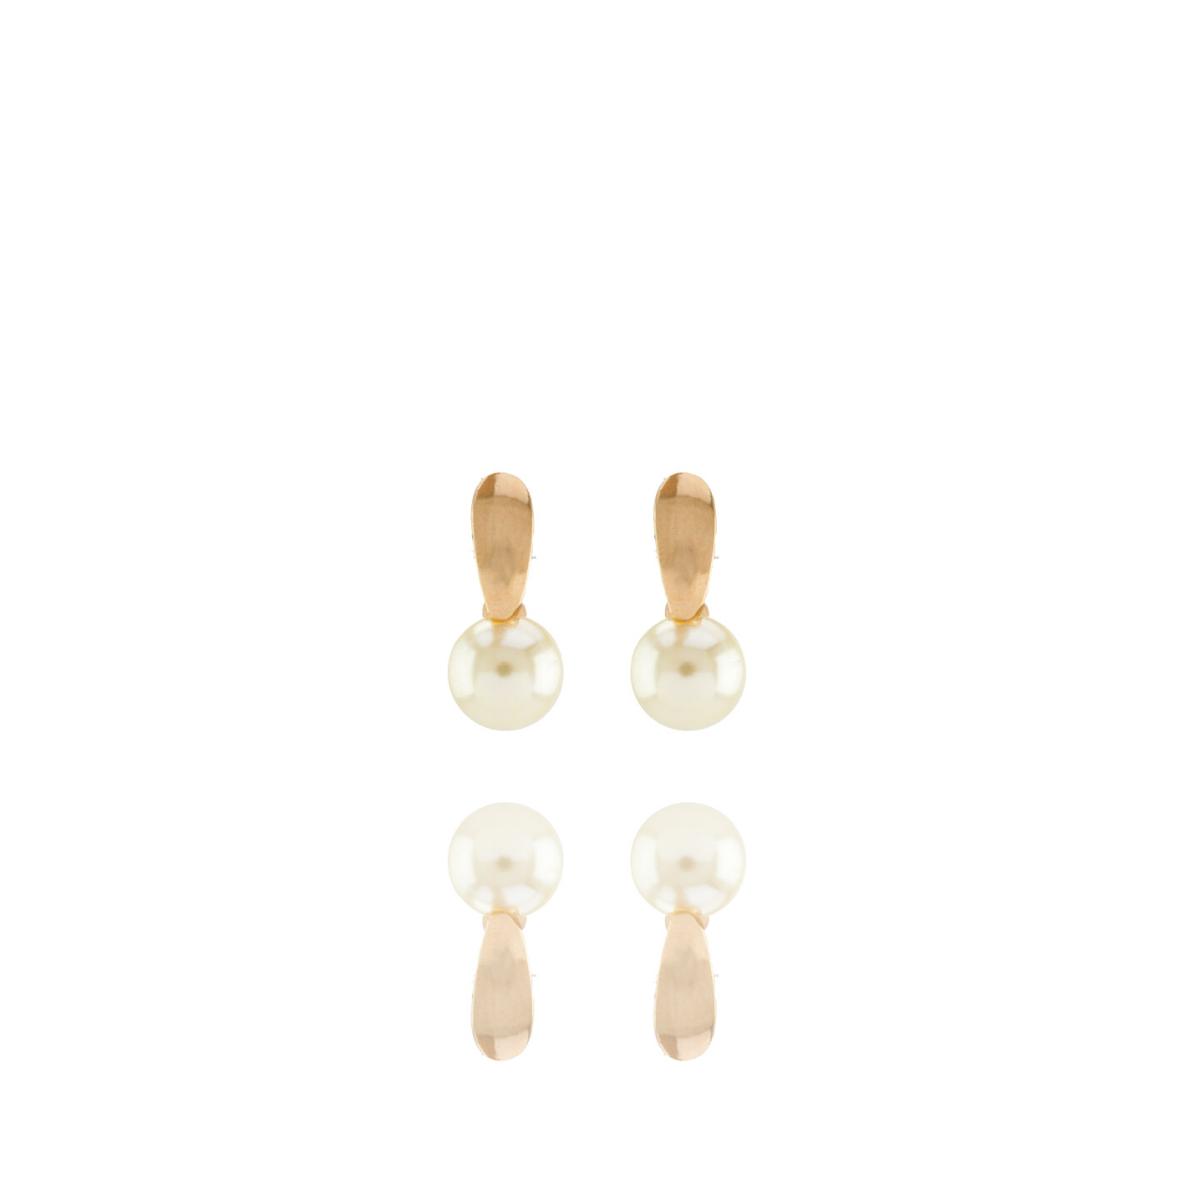 Brinco Barbara Strauss Semi Joia Pireu Em Pérola Lalique, Revestido Em Ouro Amarelo 18K